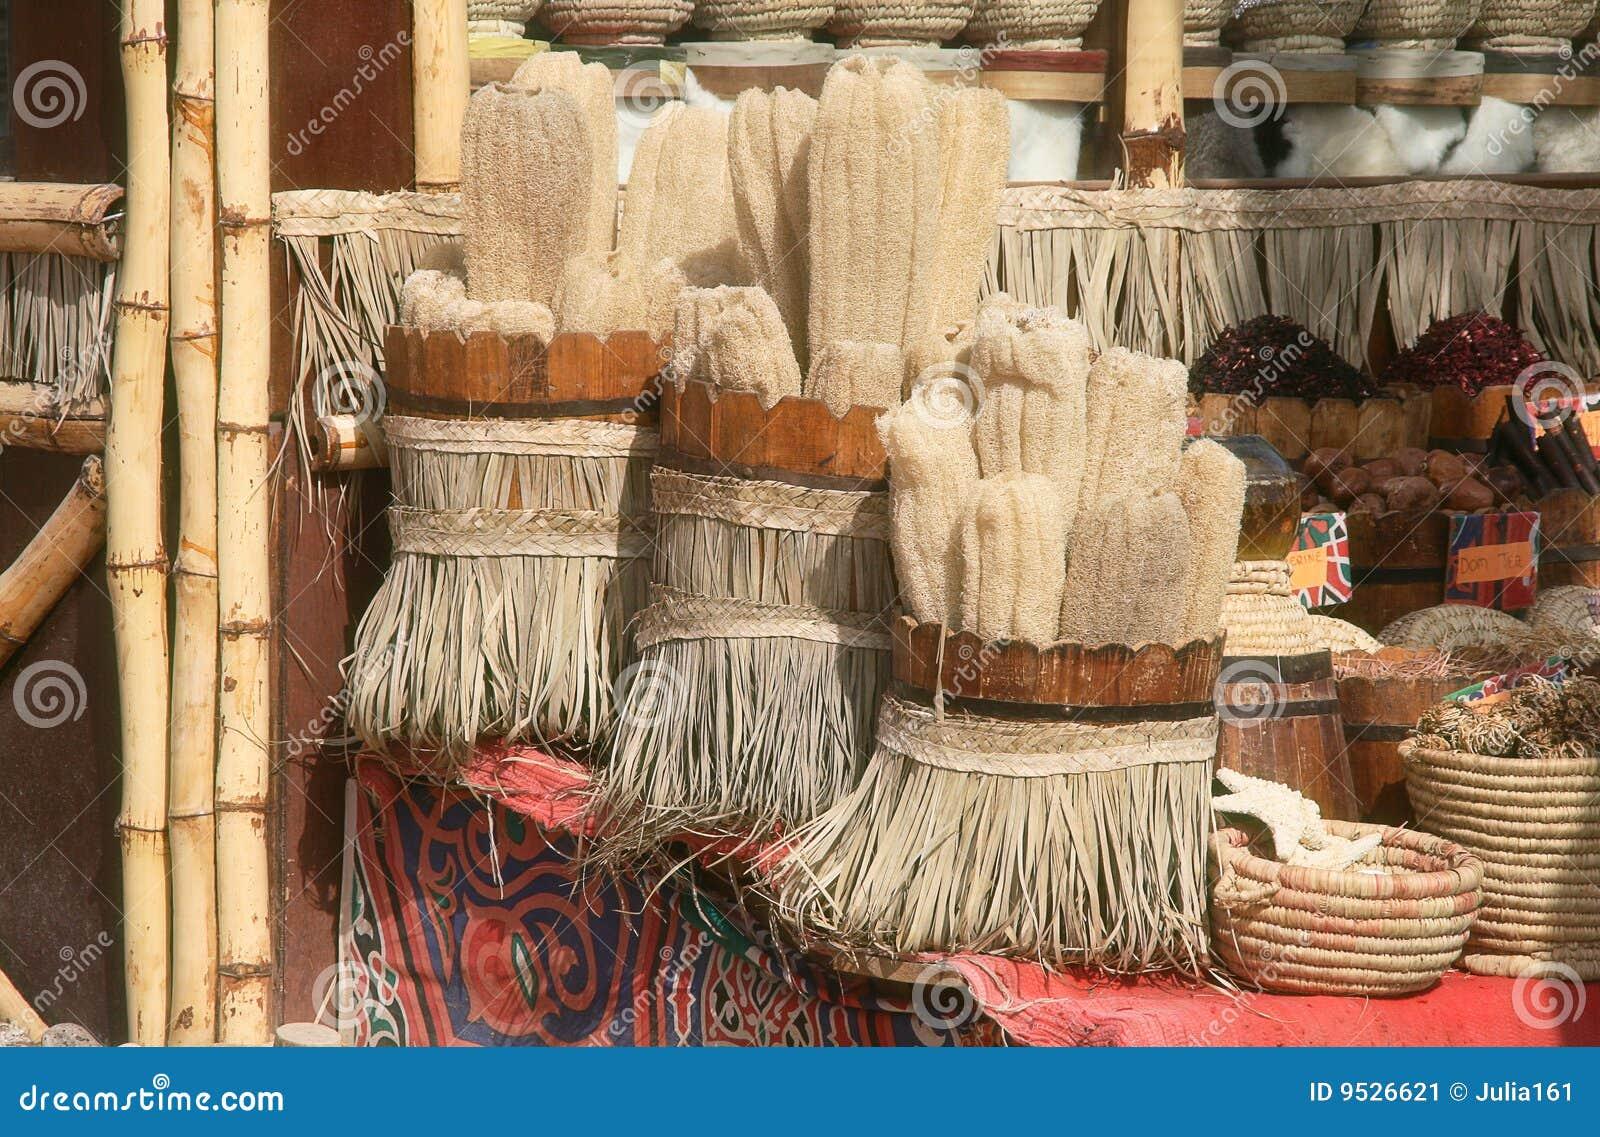 Negozio di ricordo in Sharm El Sheikh. L Egitto.